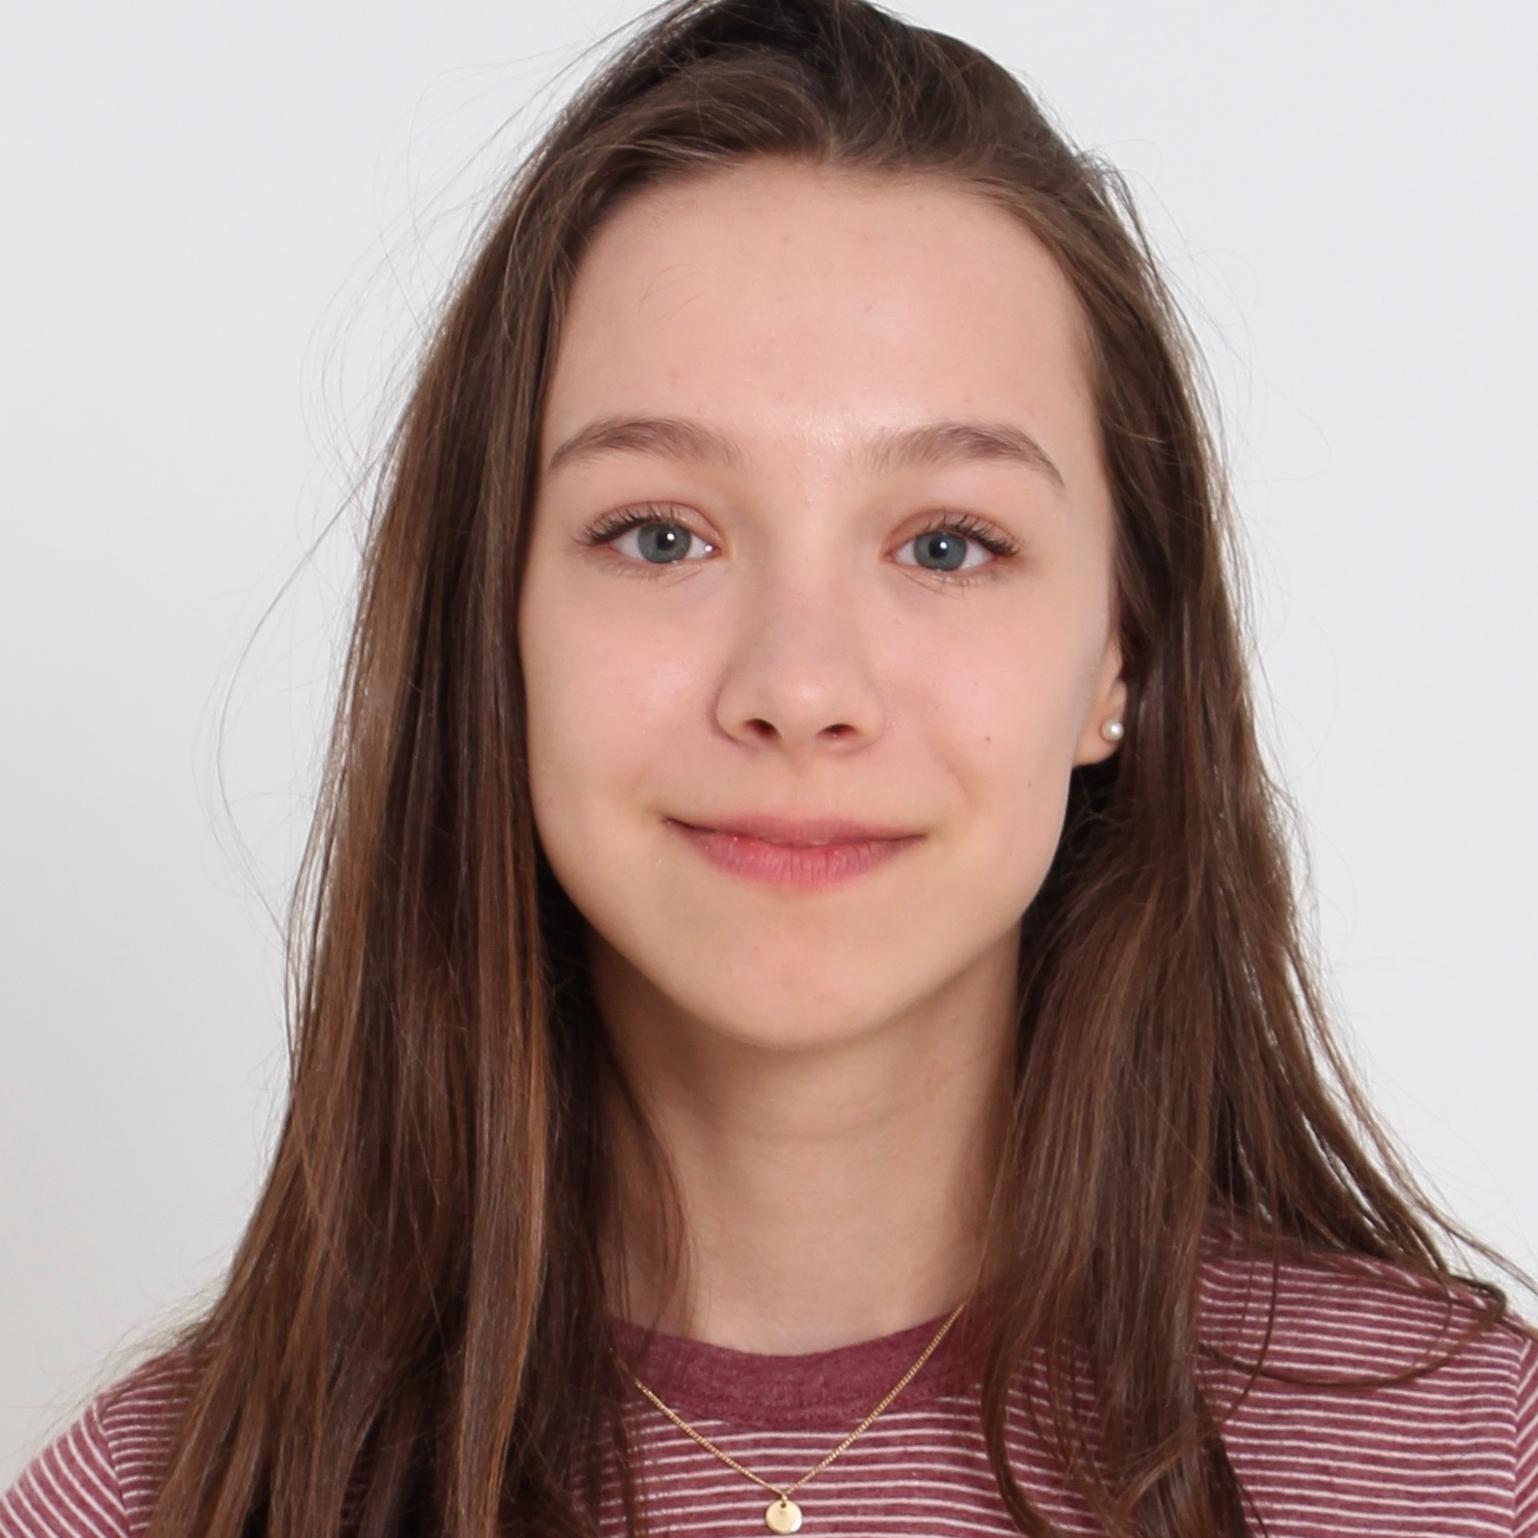 Sophie *2002